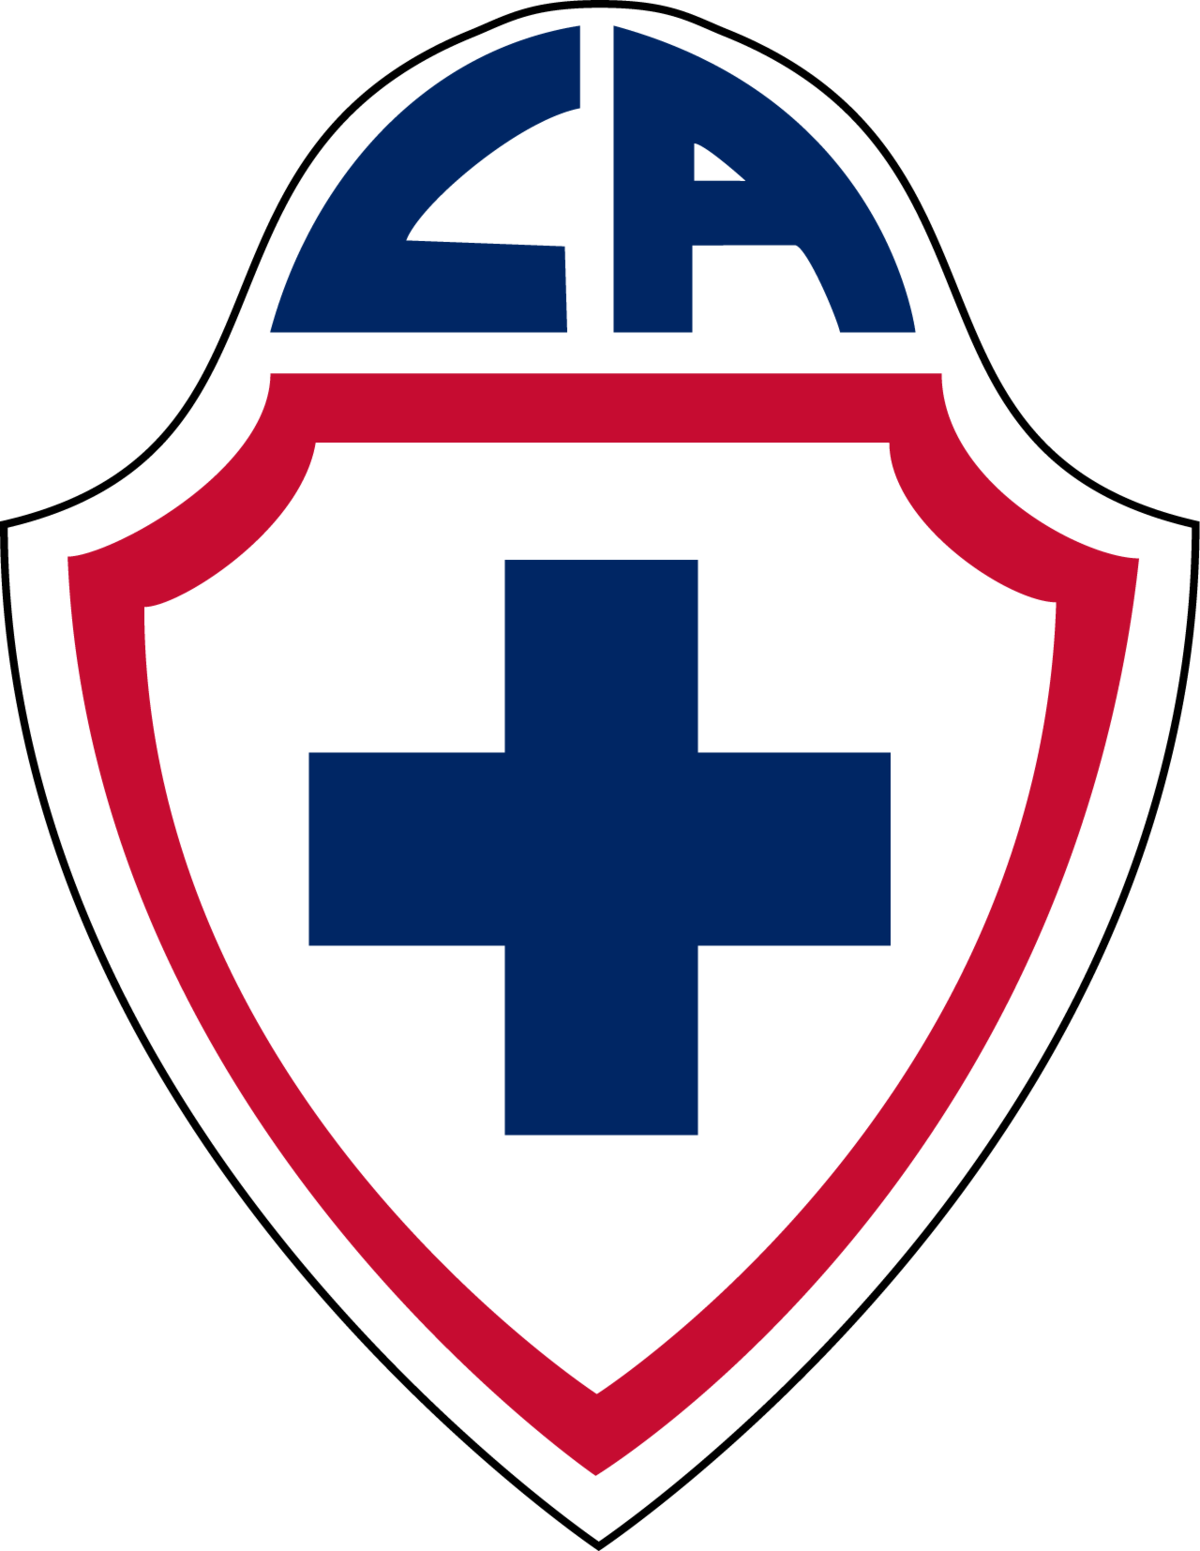 monaco equipo de futbol pagina oficial